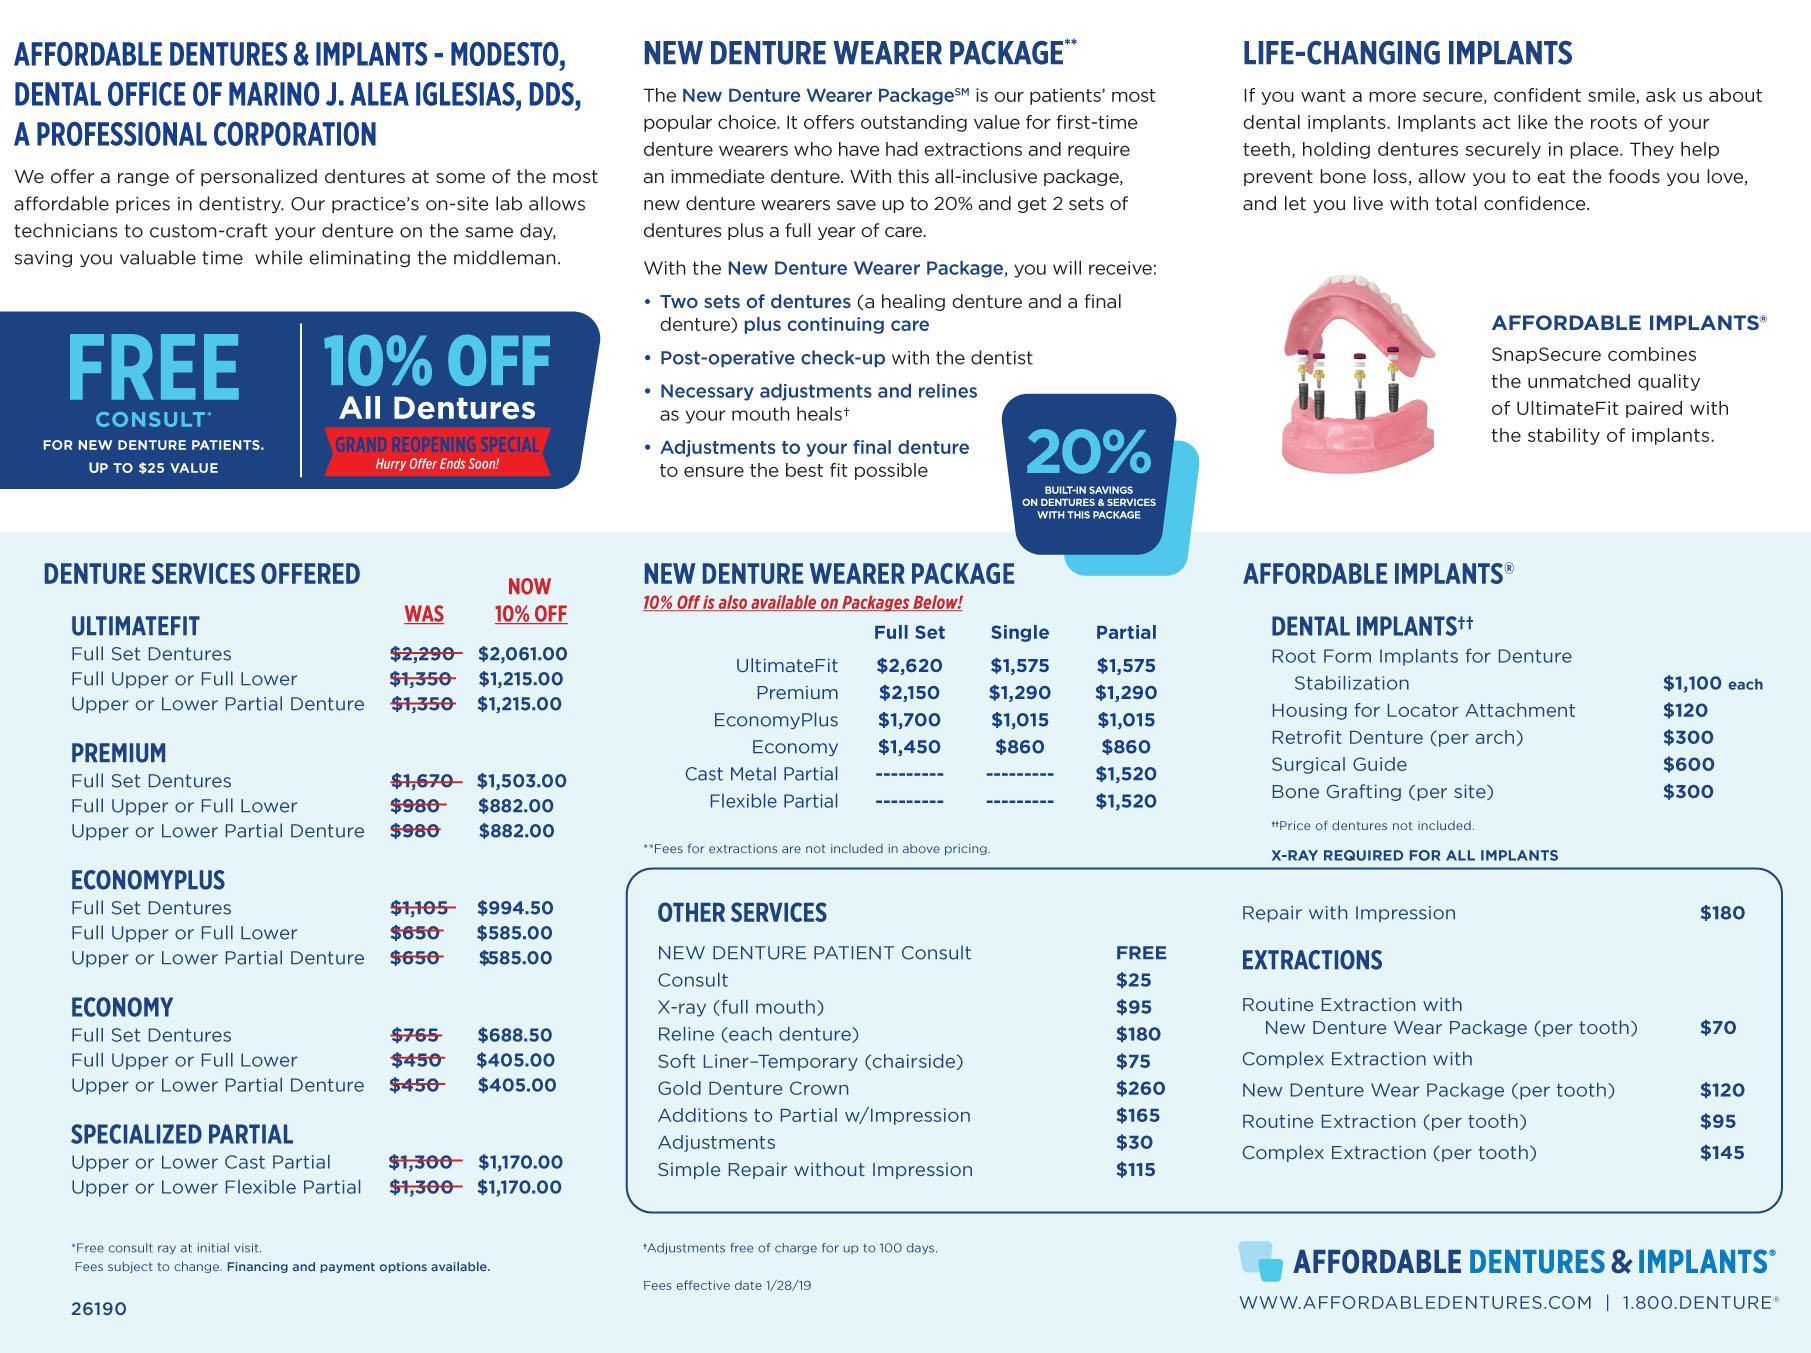 denture care center affordable dentures implants modesto ca 95350. Black Bedroom Furniture Sets. Home Design Ideas